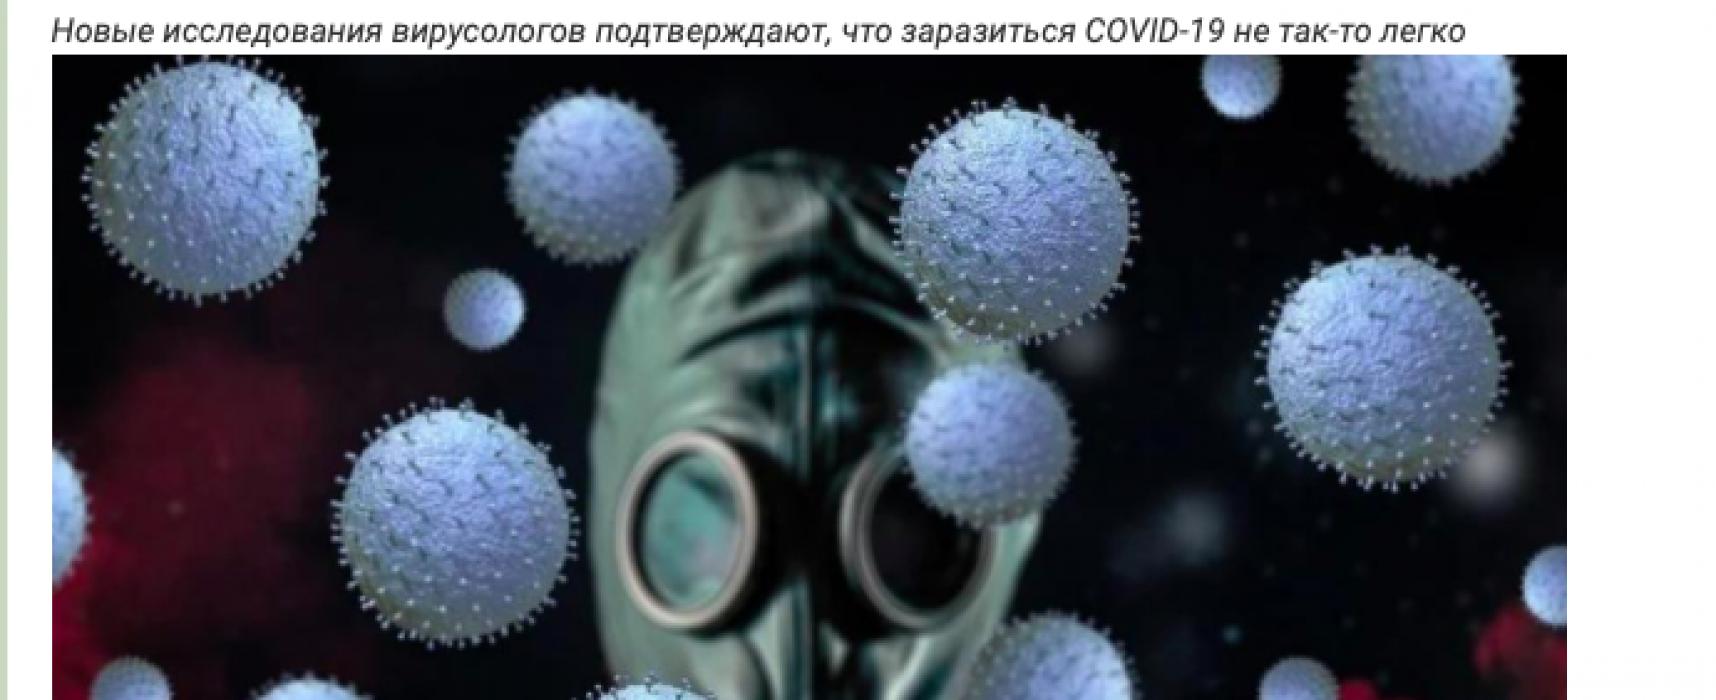 Манипуляция: Немецкие ученые доказали, что коронавирус не «живет» на поверхностях